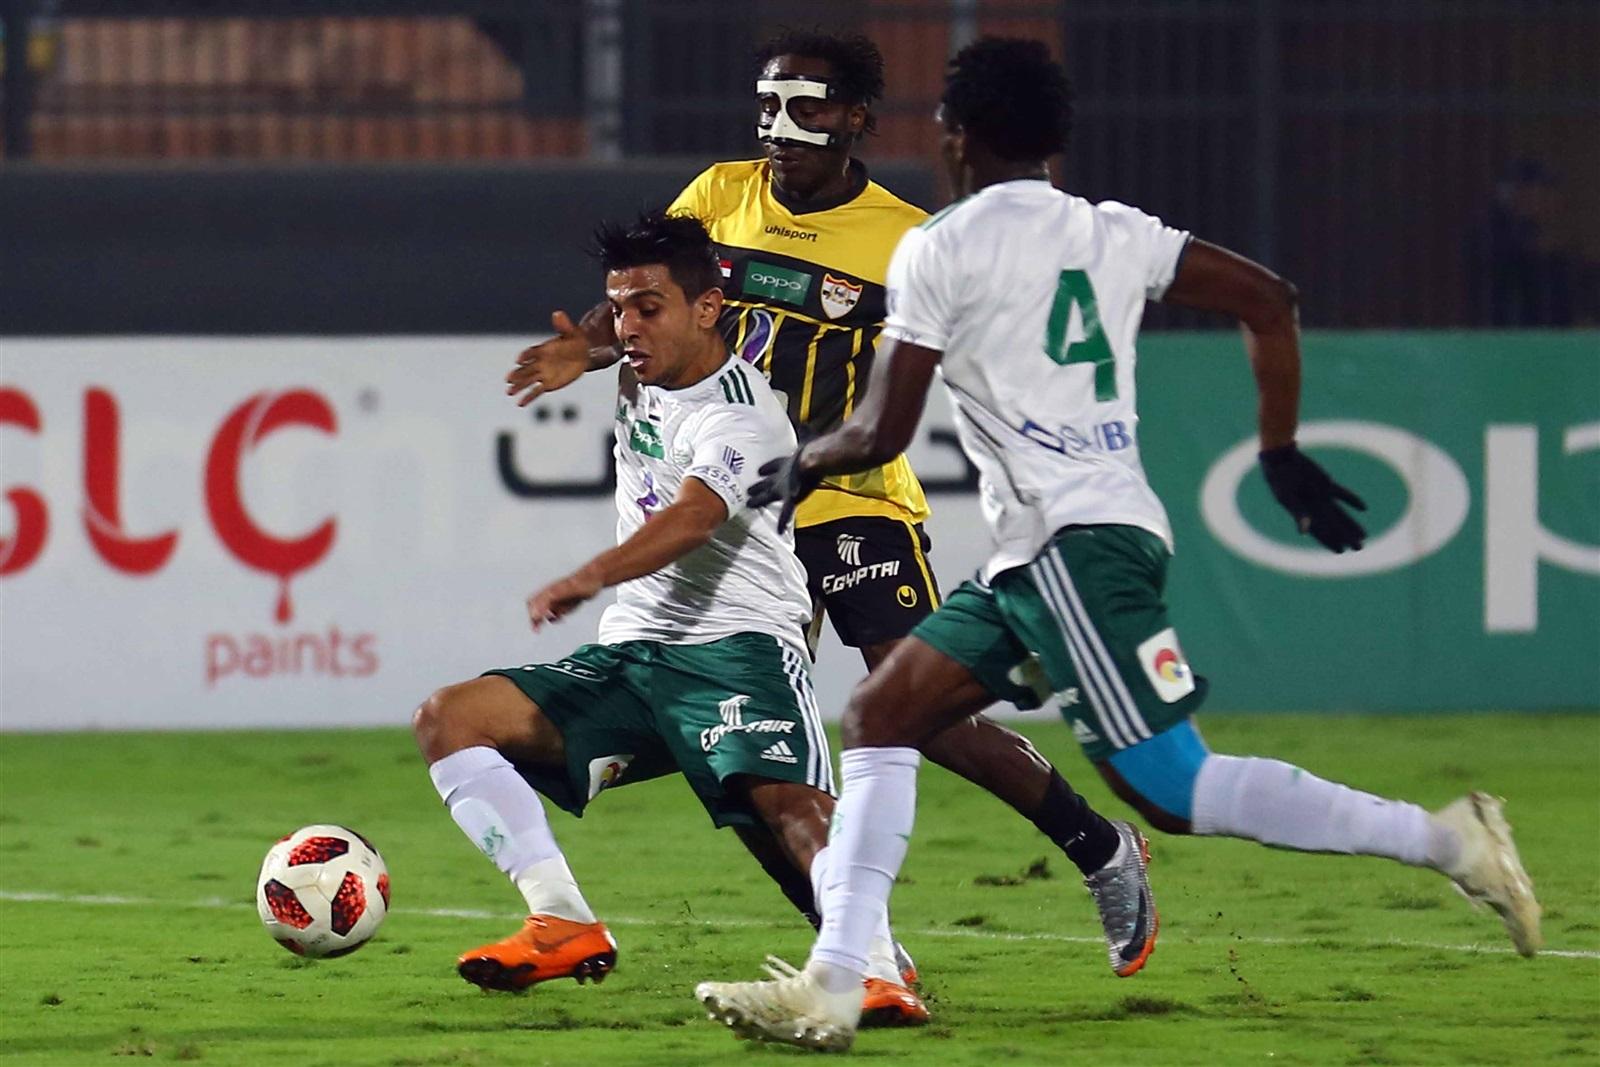 مباراة المصري والانتاج الحربي